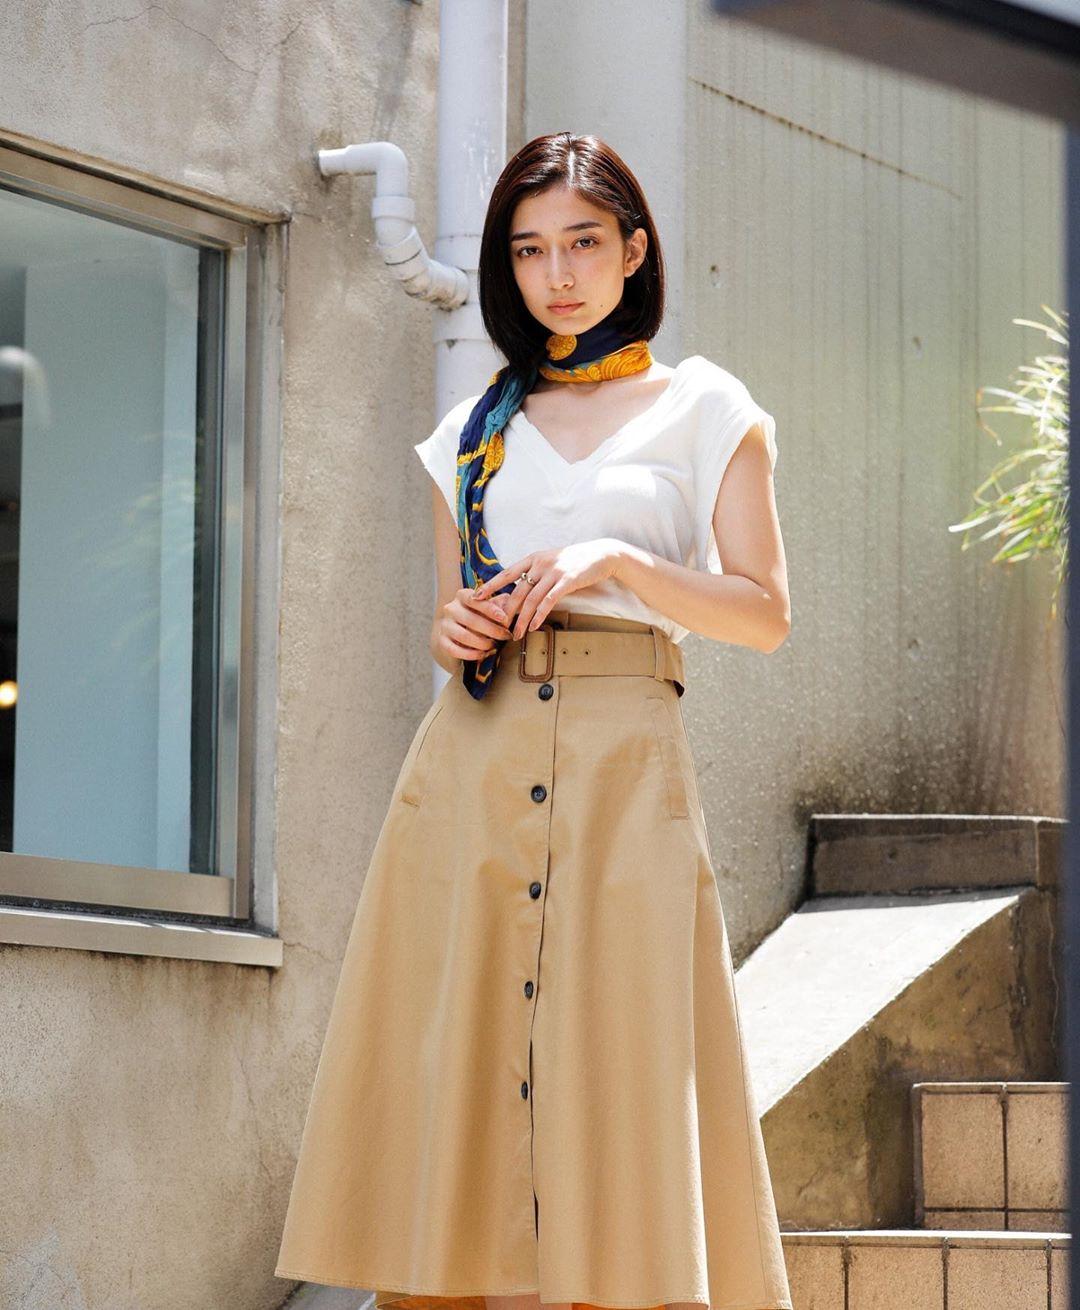 Phụ kiện thời trang cung xử nữ - Cô gái mặc áo trắng, chân váy xòe, thắt khăn quàng